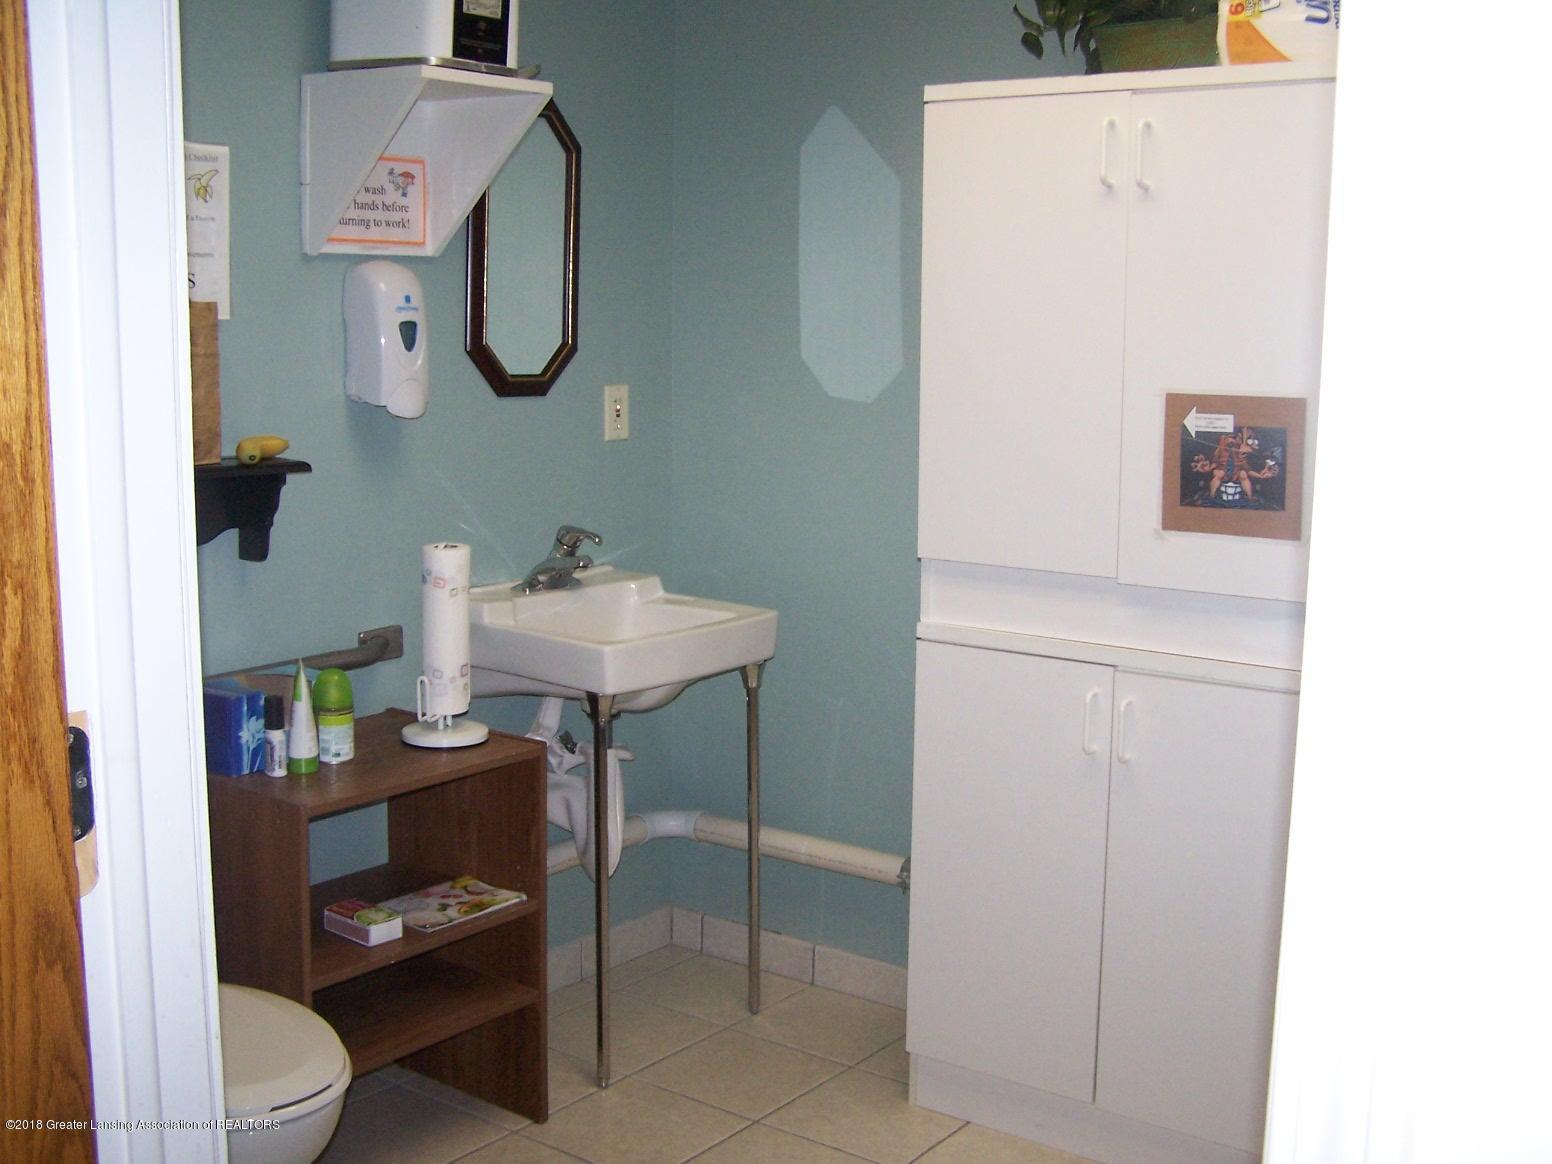 125 N Main St - Restroom - 21